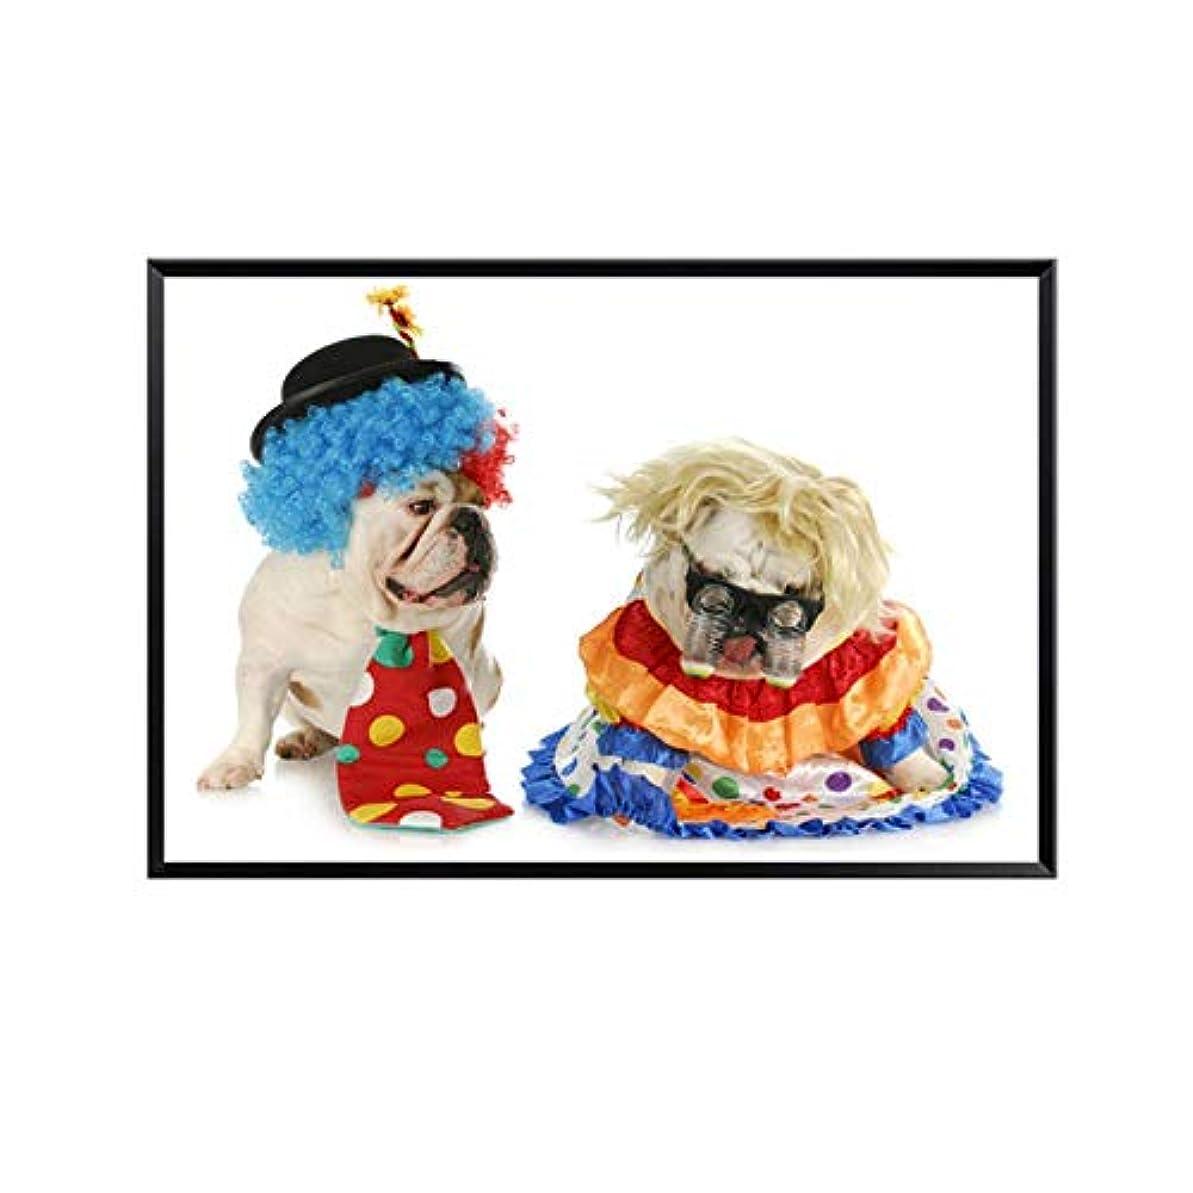 お手伝いさん挨拶するぎこちないZhaoyangeng クリエイティブポップアート犬の背景面白い髪ブルドッグ制服壁アートポスターキャンバス写真用リビングルームの装飾-50×75センチいいえフレーム